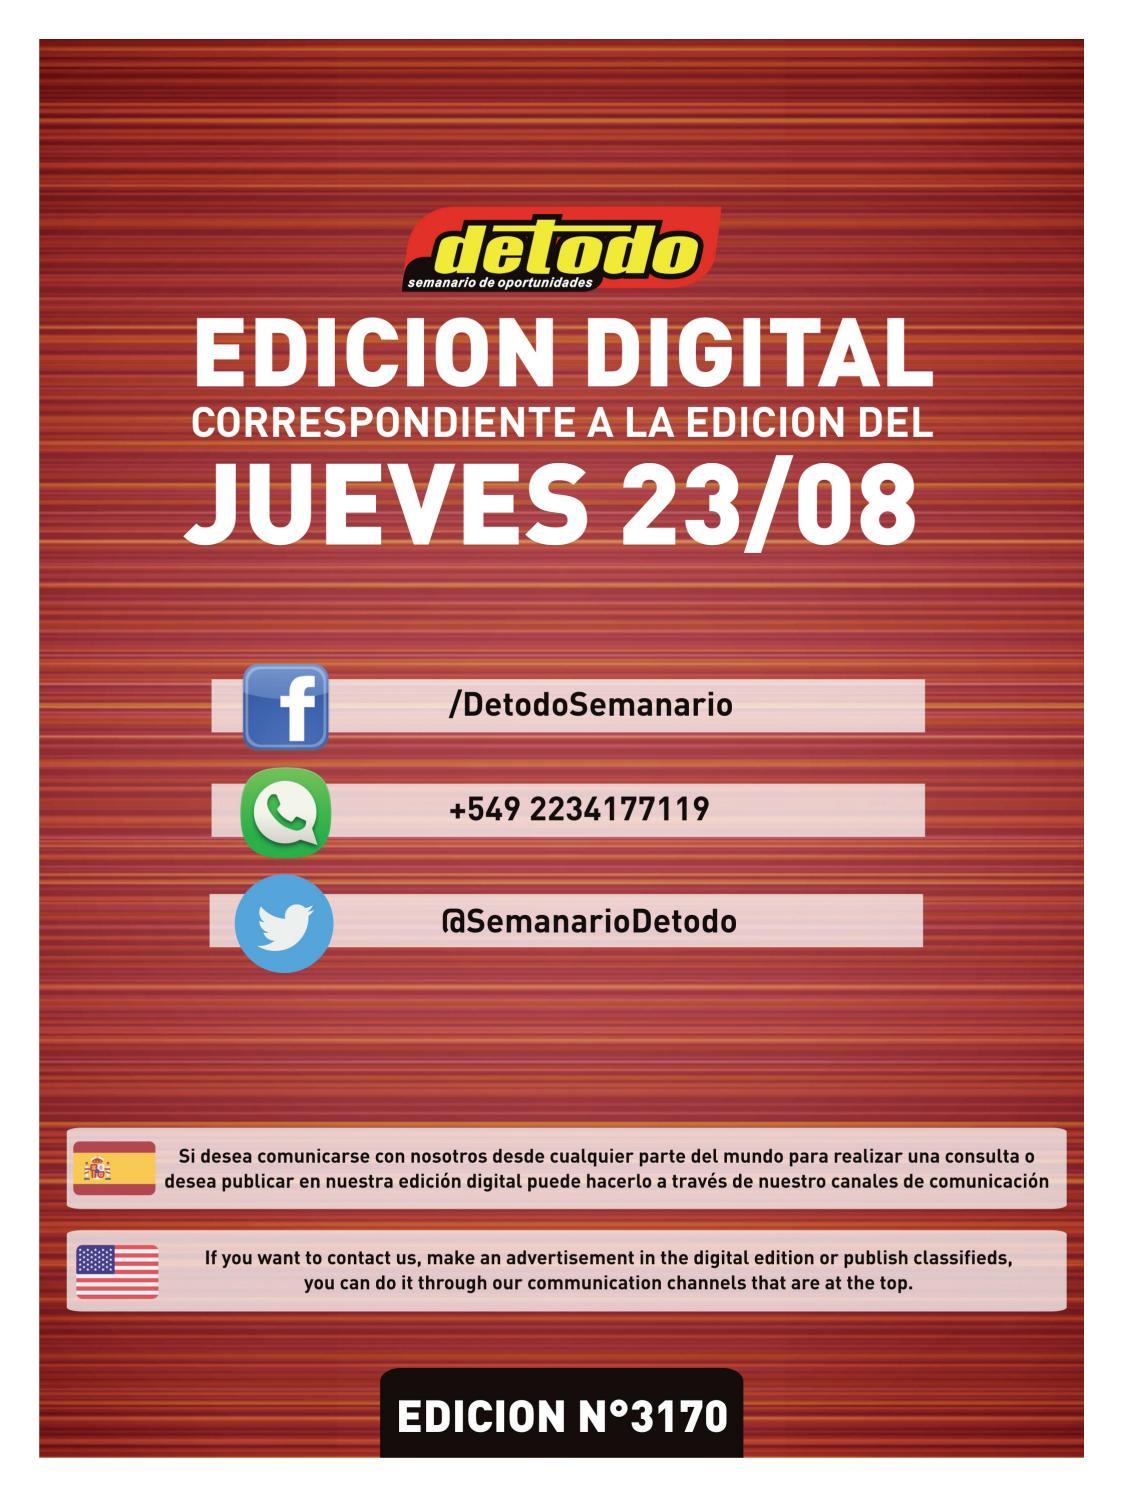 Semanario Detodo - Edición N° 3170- 23 08 2018 by Semanario Detodo - issuu 9949ce0255677